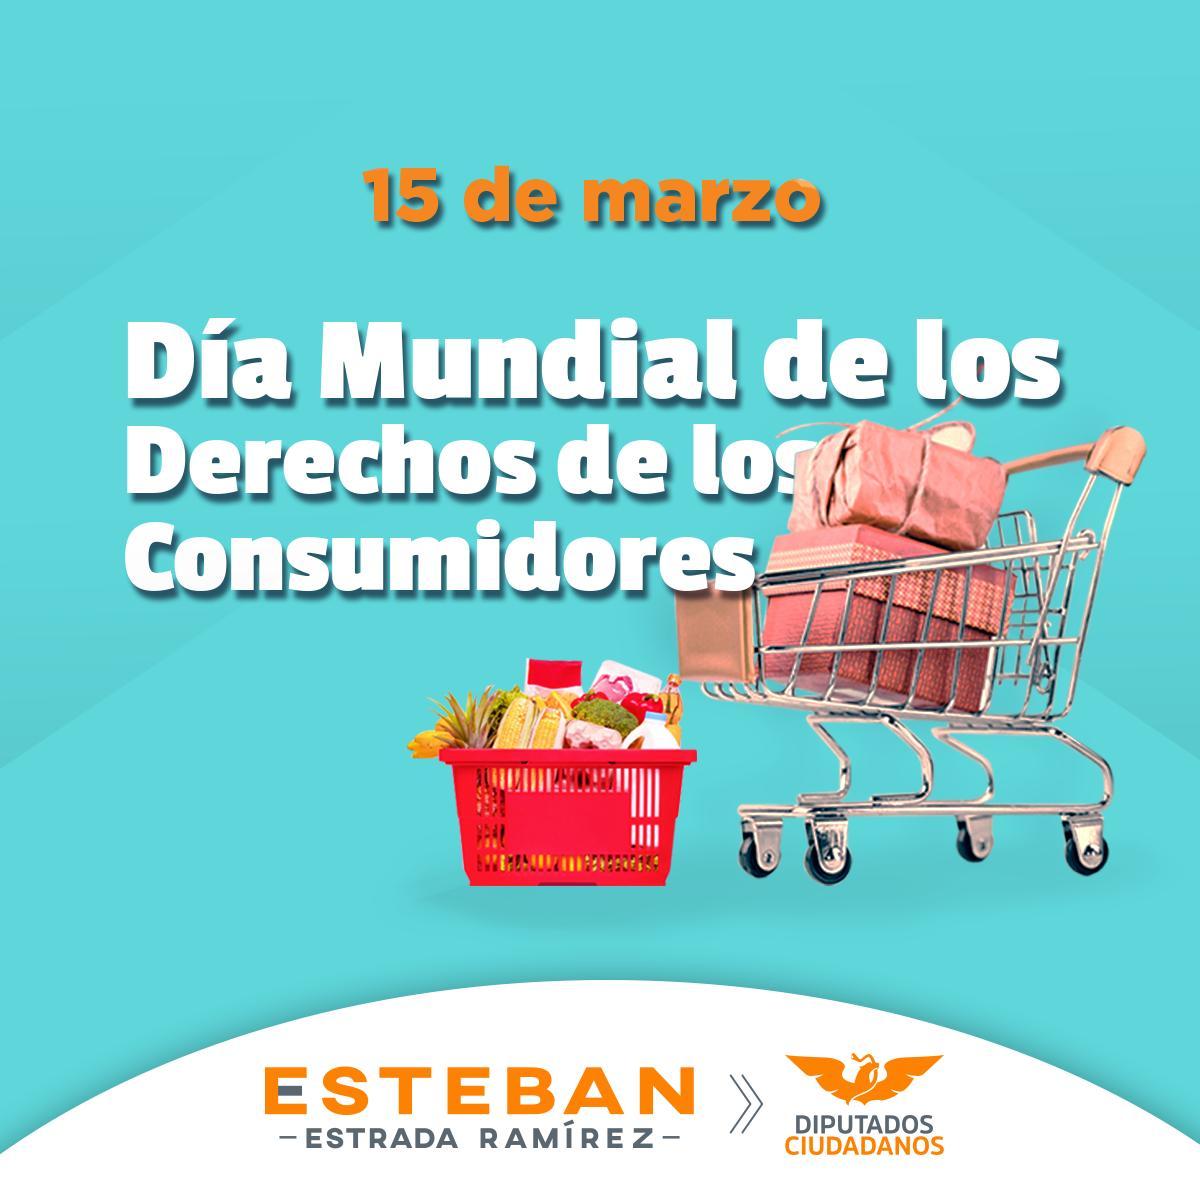 Esteban Estrada's photo on Consumidores